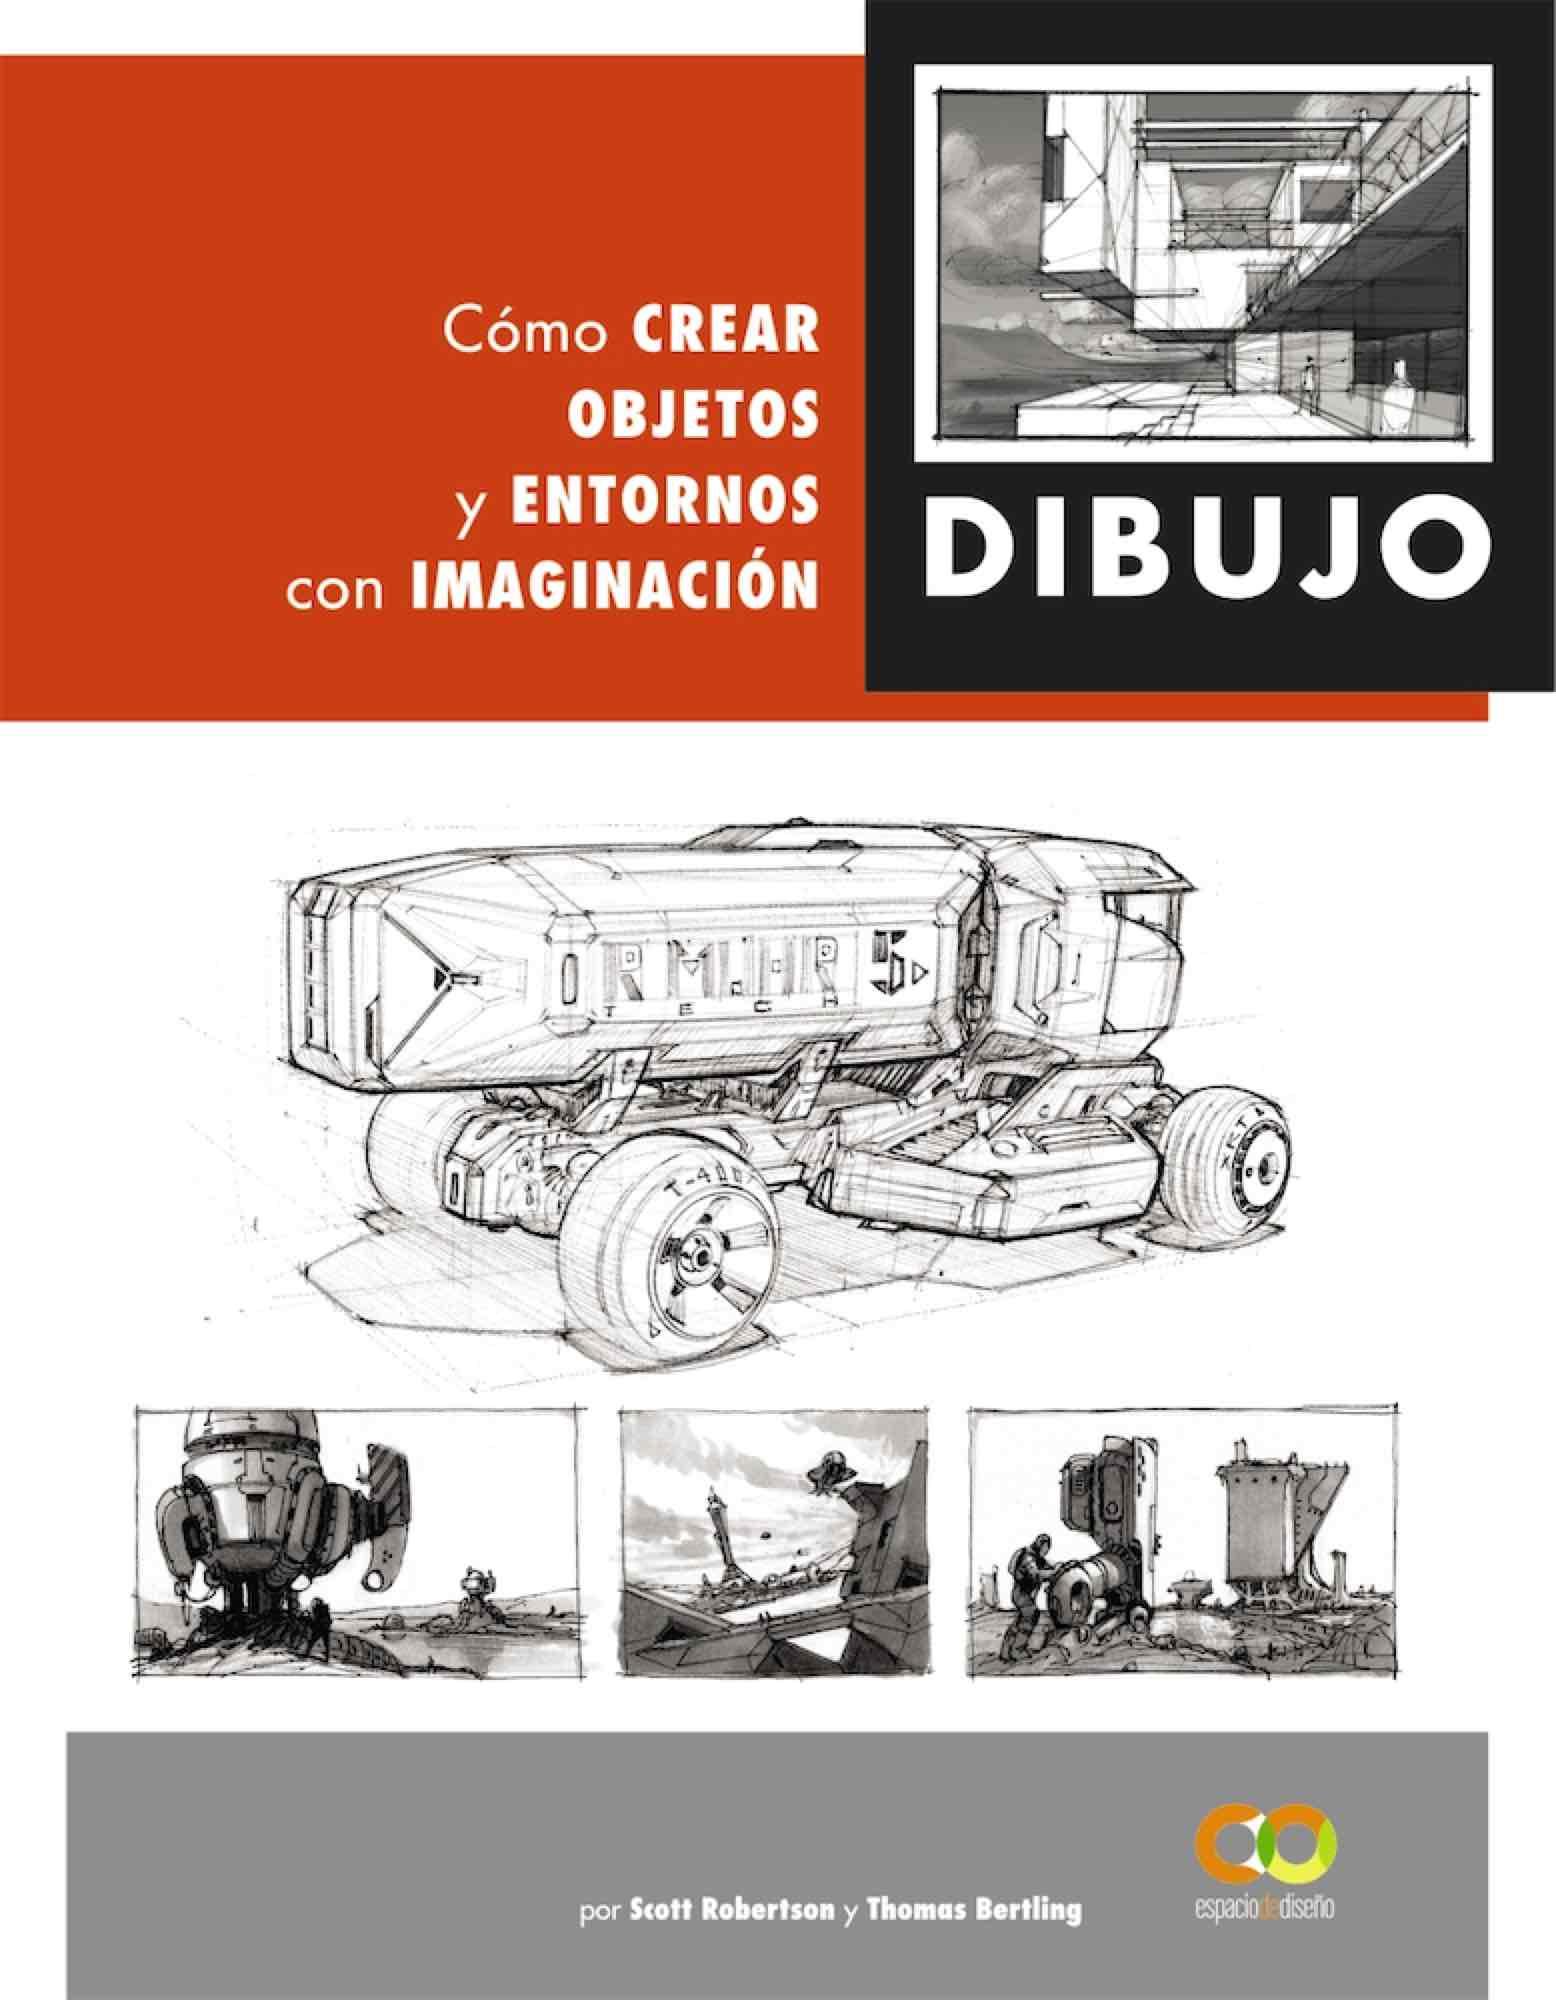 DIBUJO. COMO CREAR OBJETOS Y ENTORNOS CON IMAGINACION